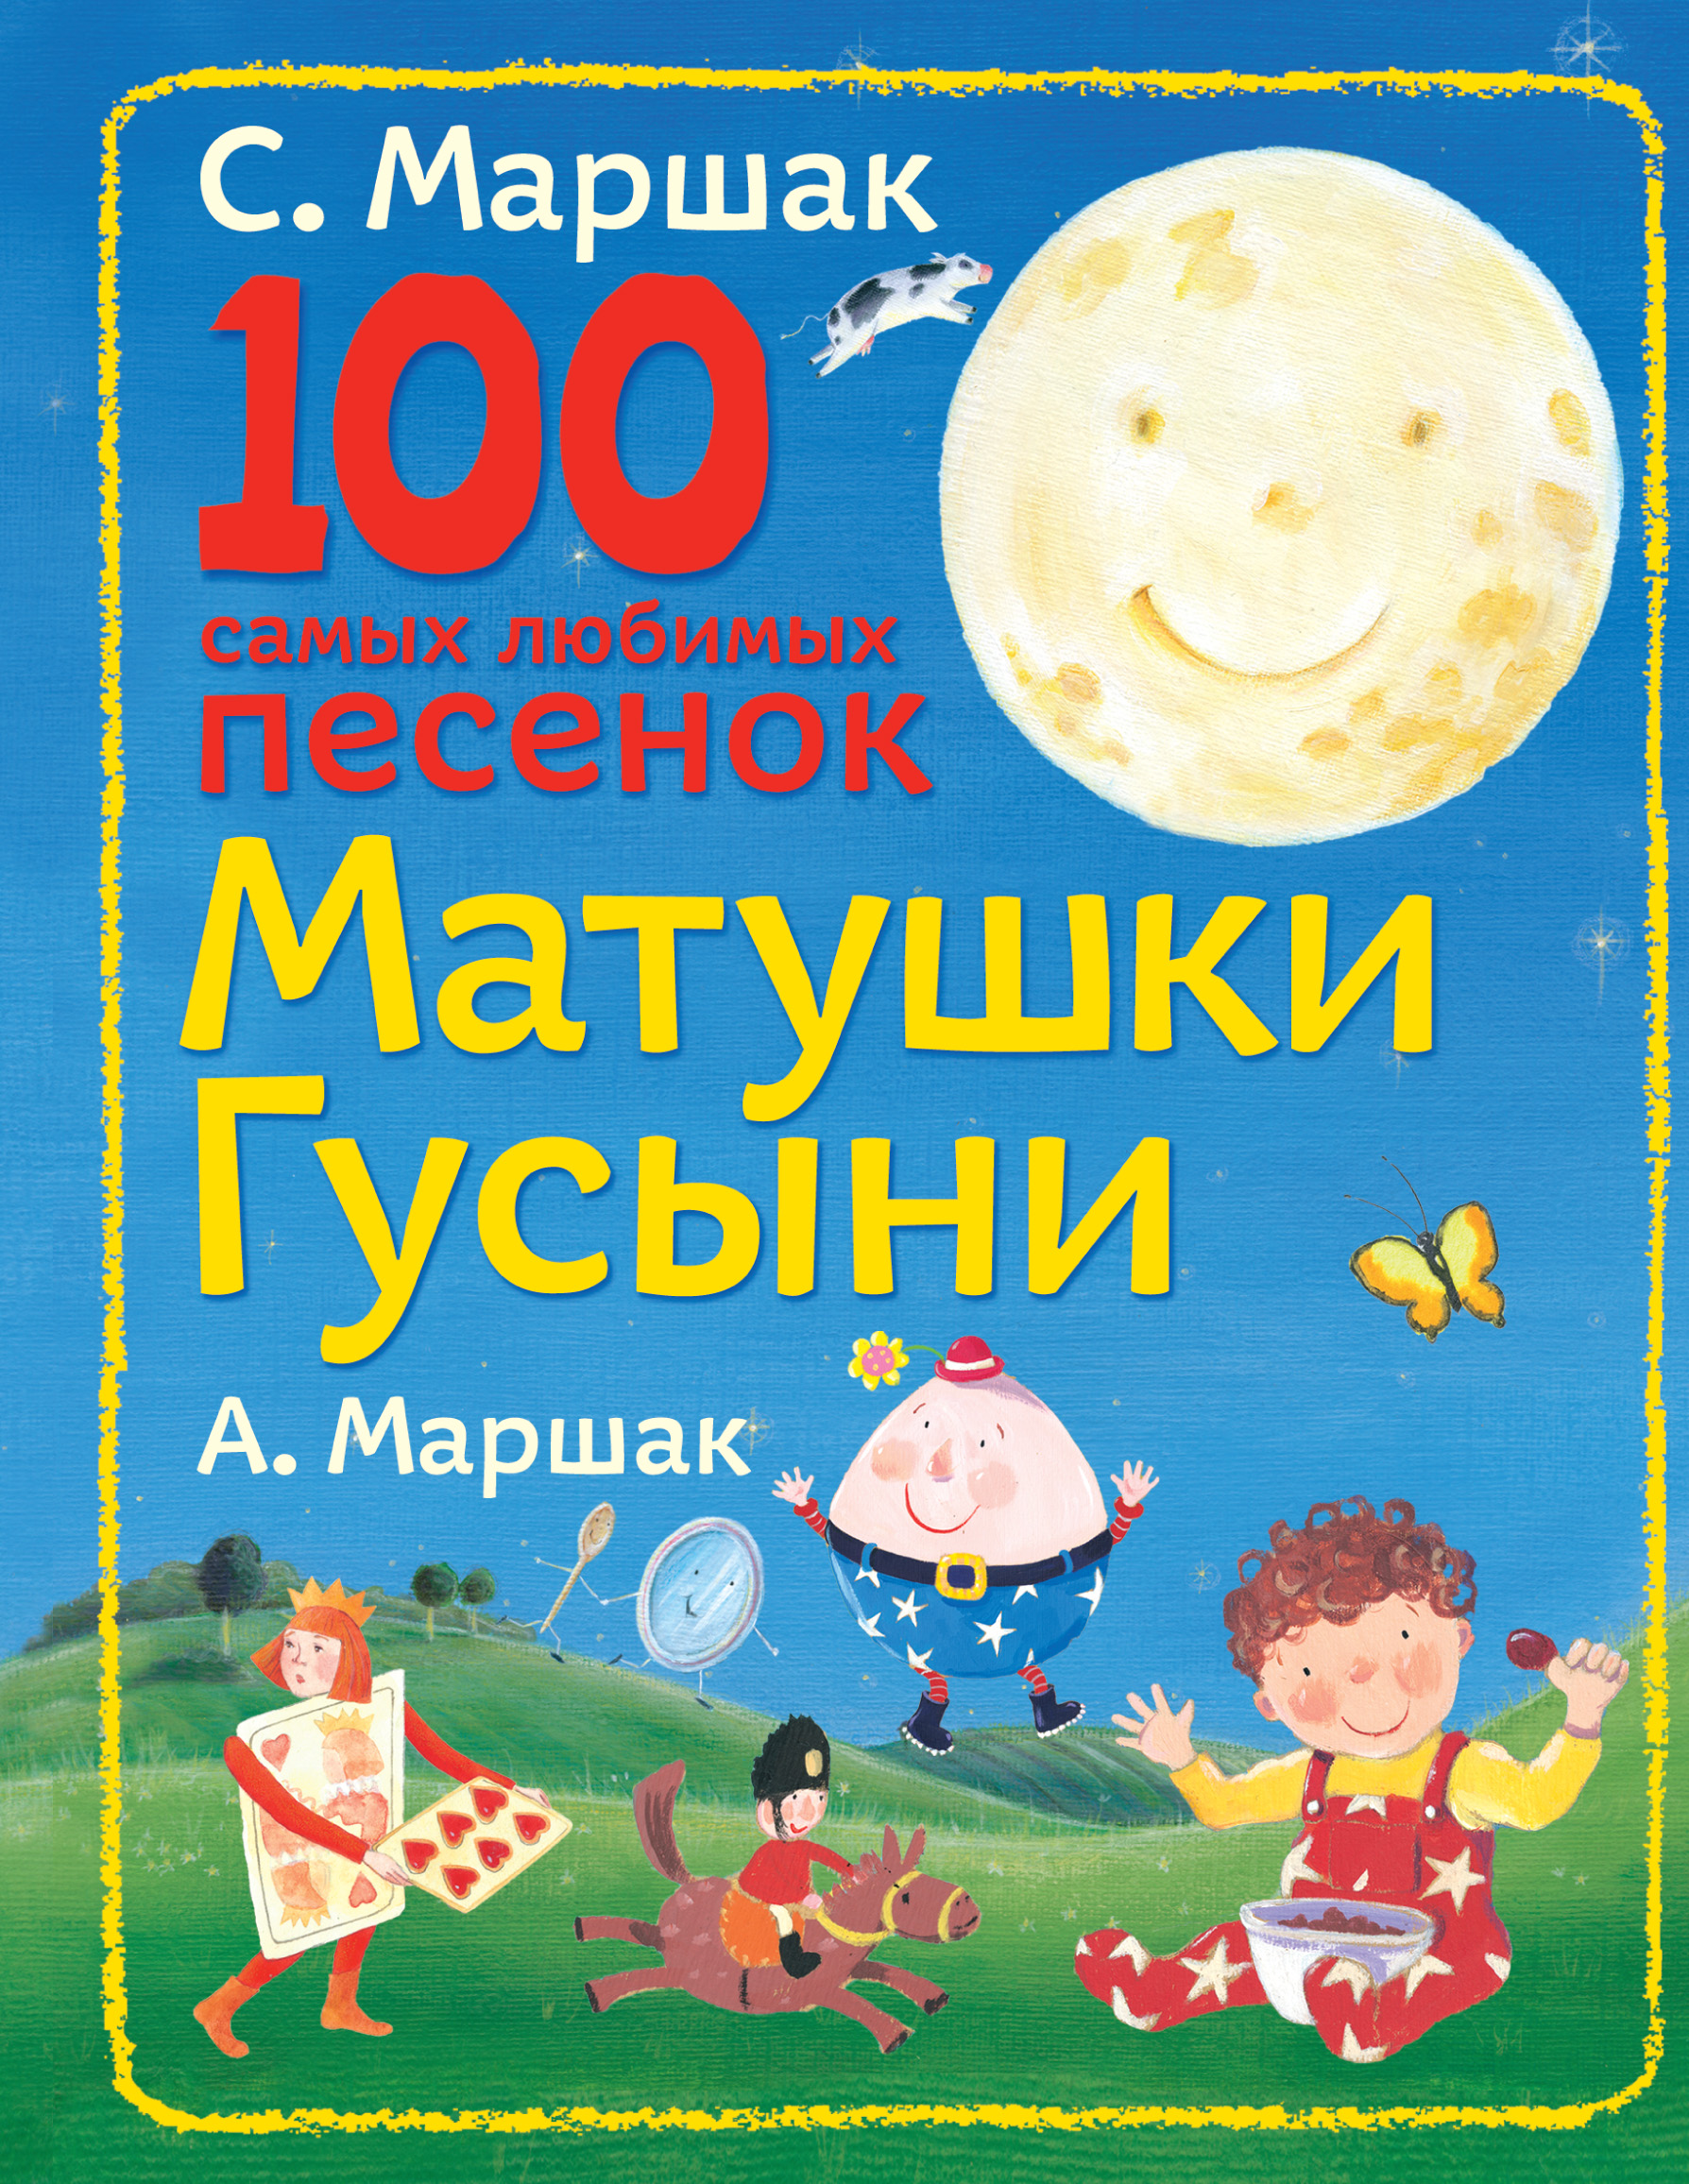 Маршак С.Я., Маршак А.И. 100 самых любимых песенок Матушки Гусыни стихи и песенки матушки гусыни ил марайя